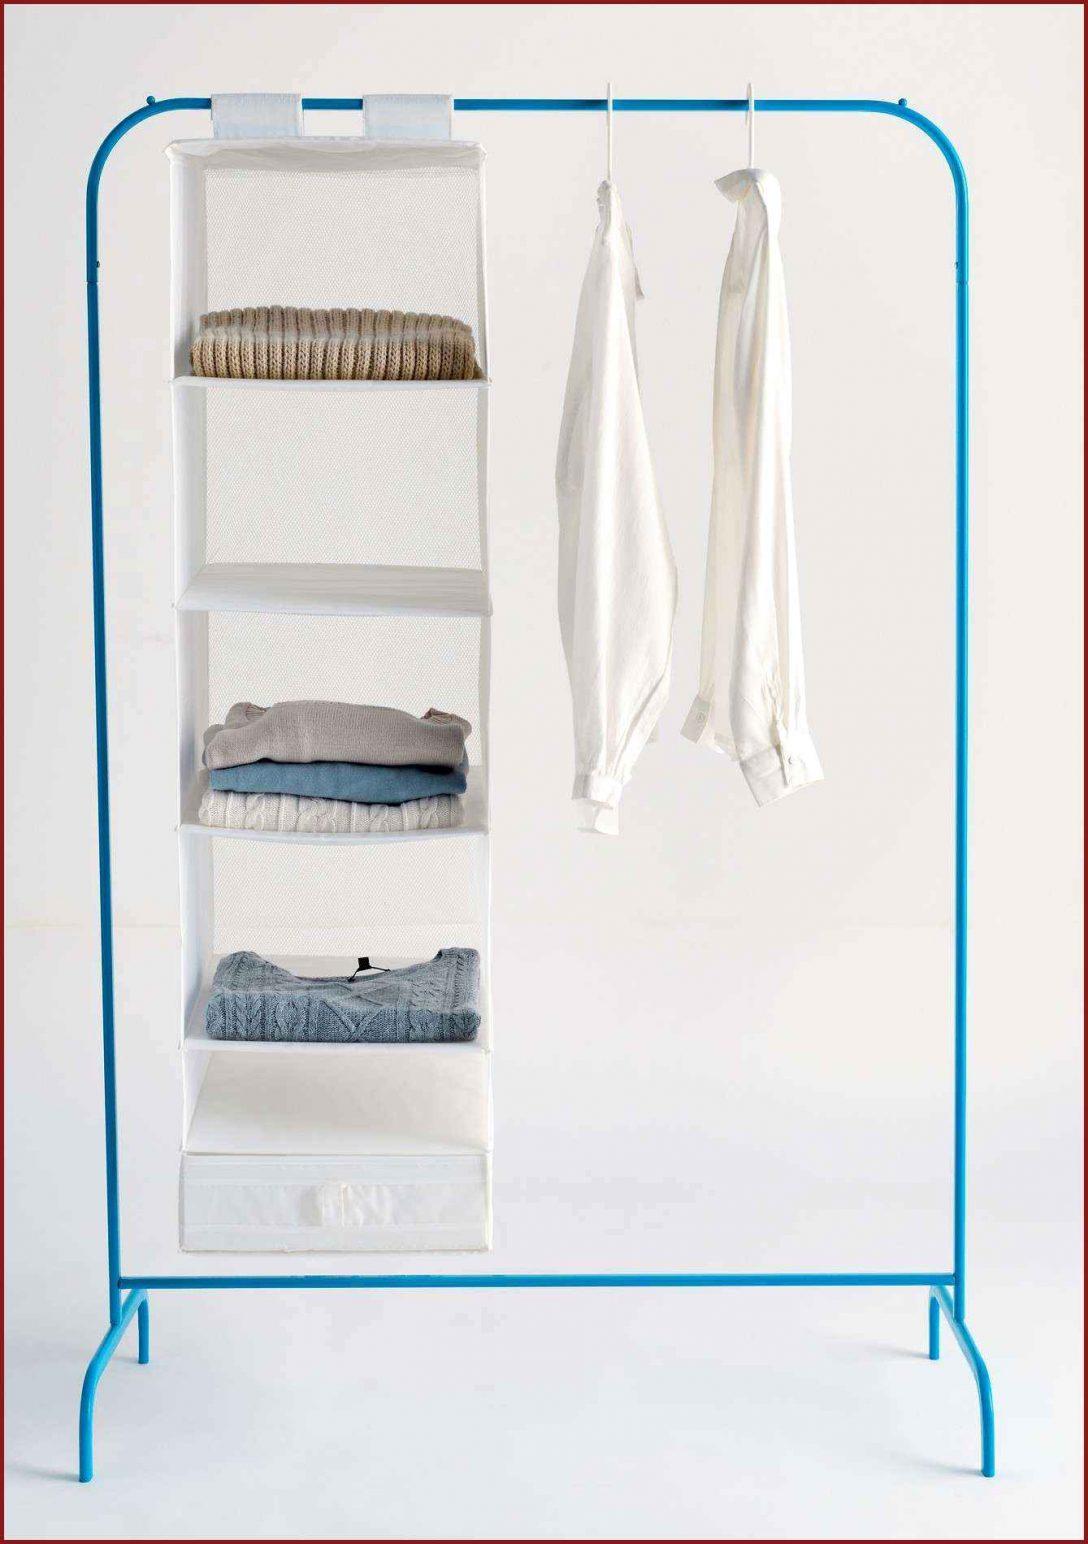 Large Size of Küchenrückwand Ikea Paneele Fur Kuchenruckwand Modulküche Betten 160x200 Sofa Mit Schlaffunktion Küche Kosten Miniküche Bei Kaufen Wohnzimmer Küchenrückwand Ikea